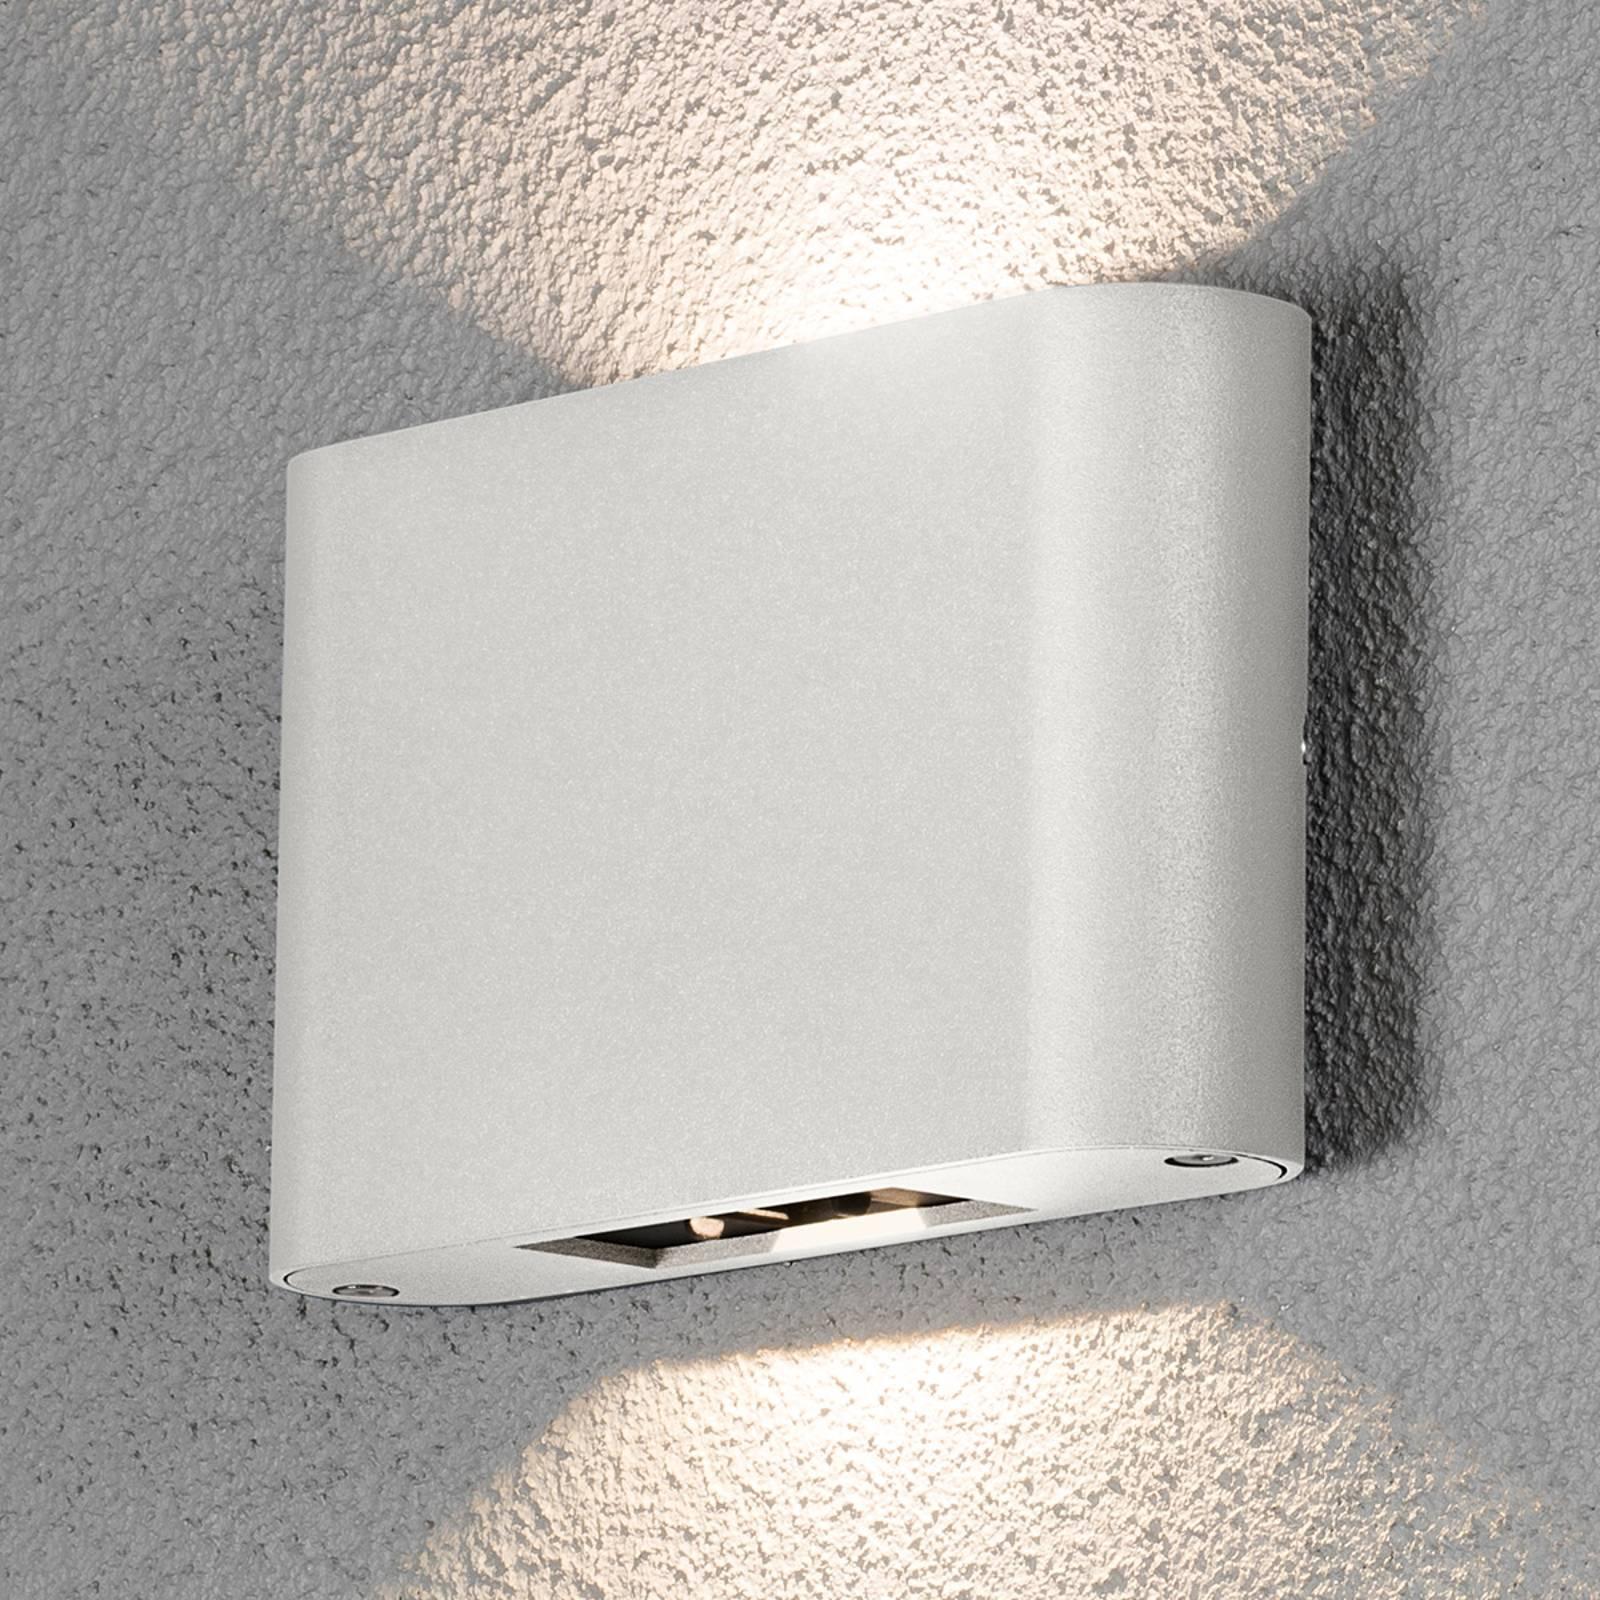 Applique d'ext. LED Chieri 2 lampes 18cm blanche